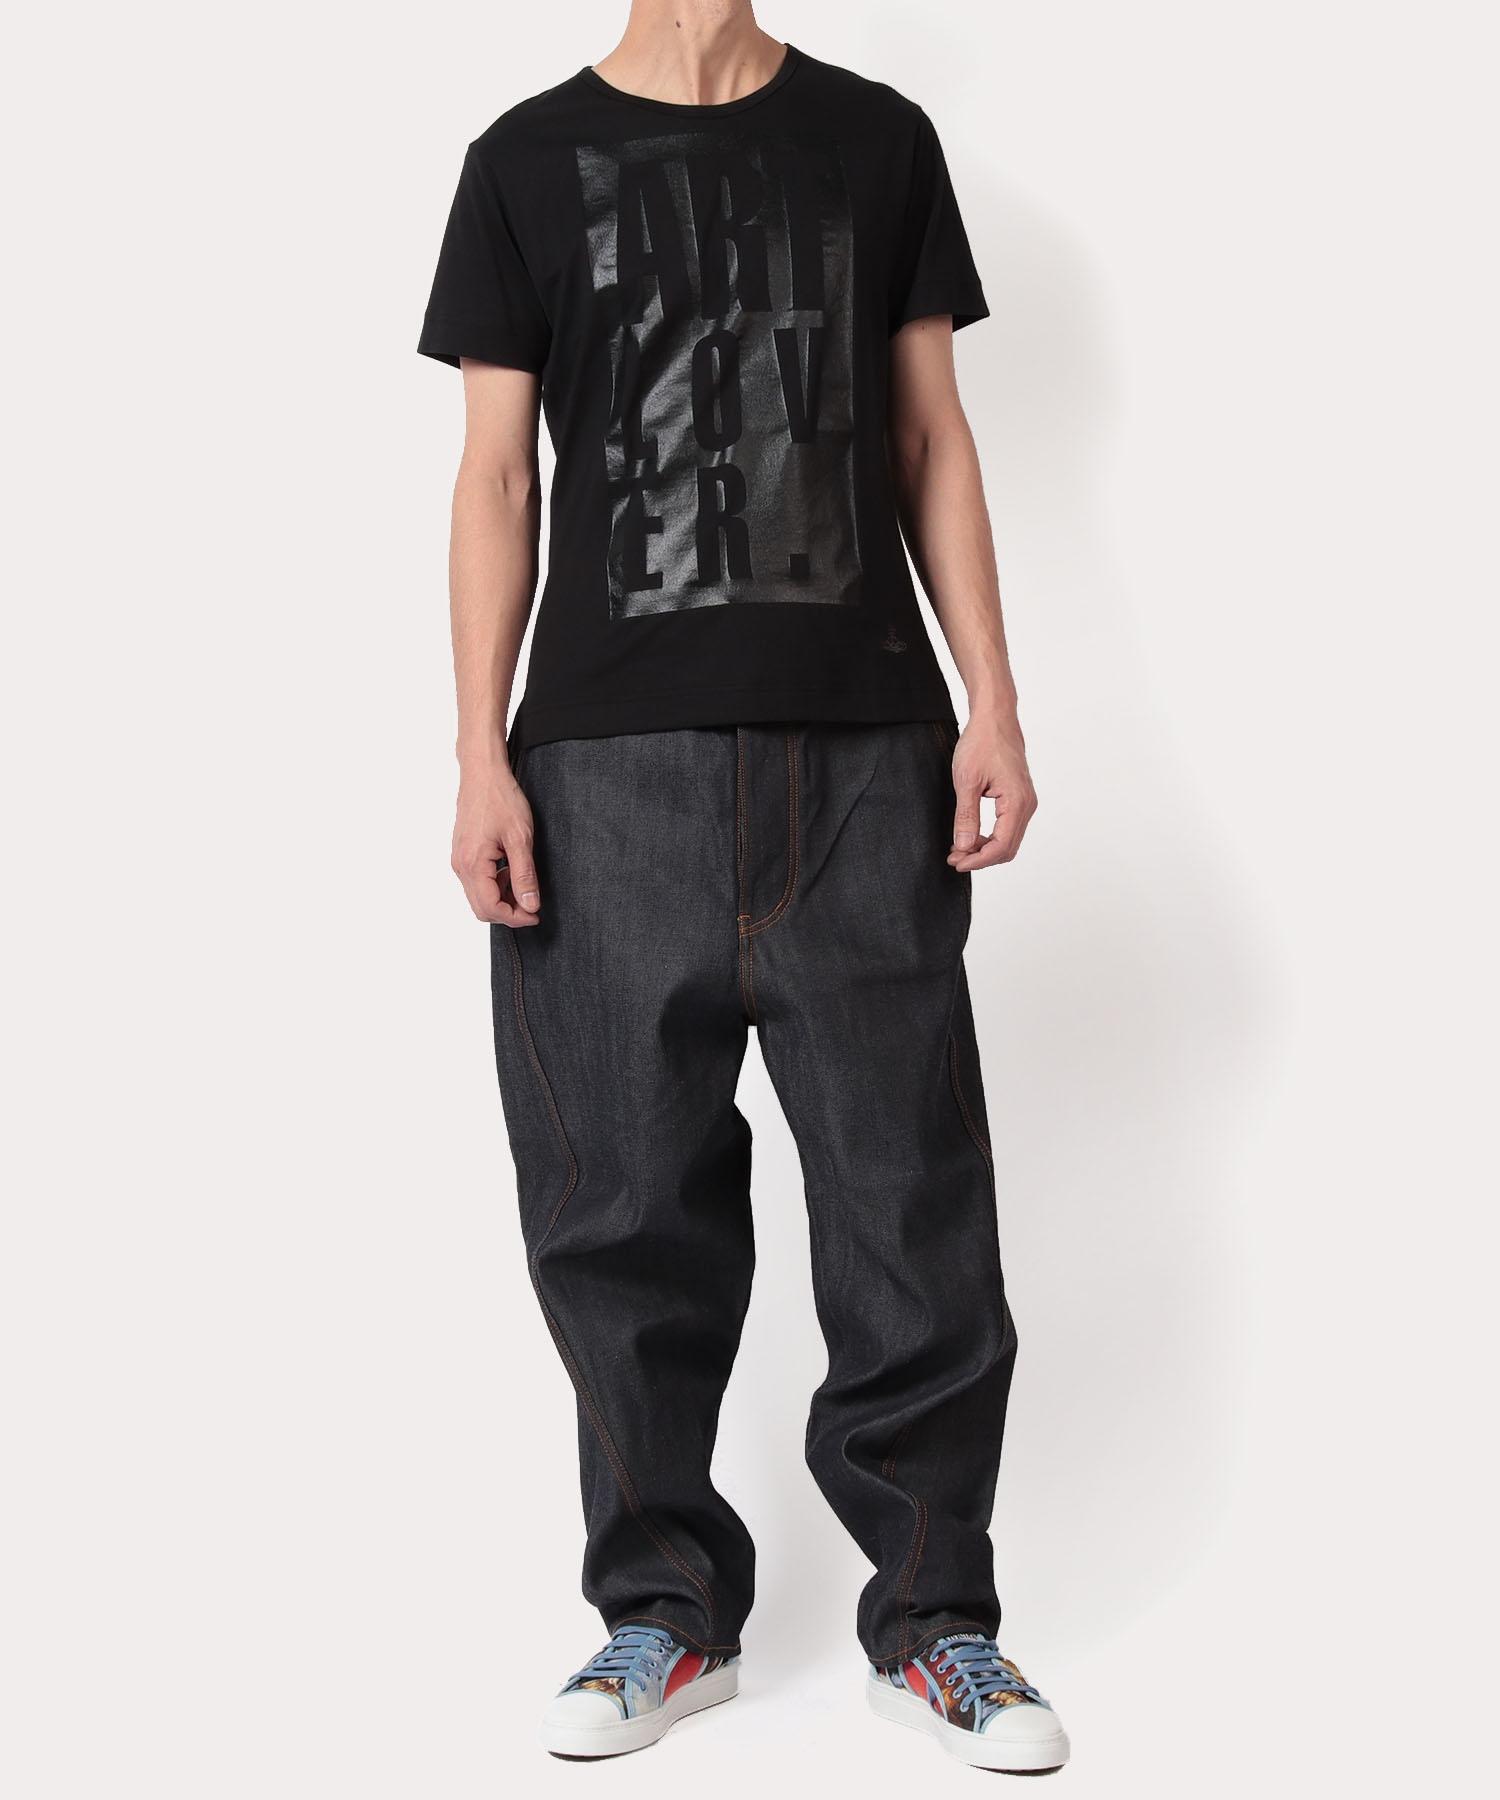 アートラバー クラシック半袖Tシャツ